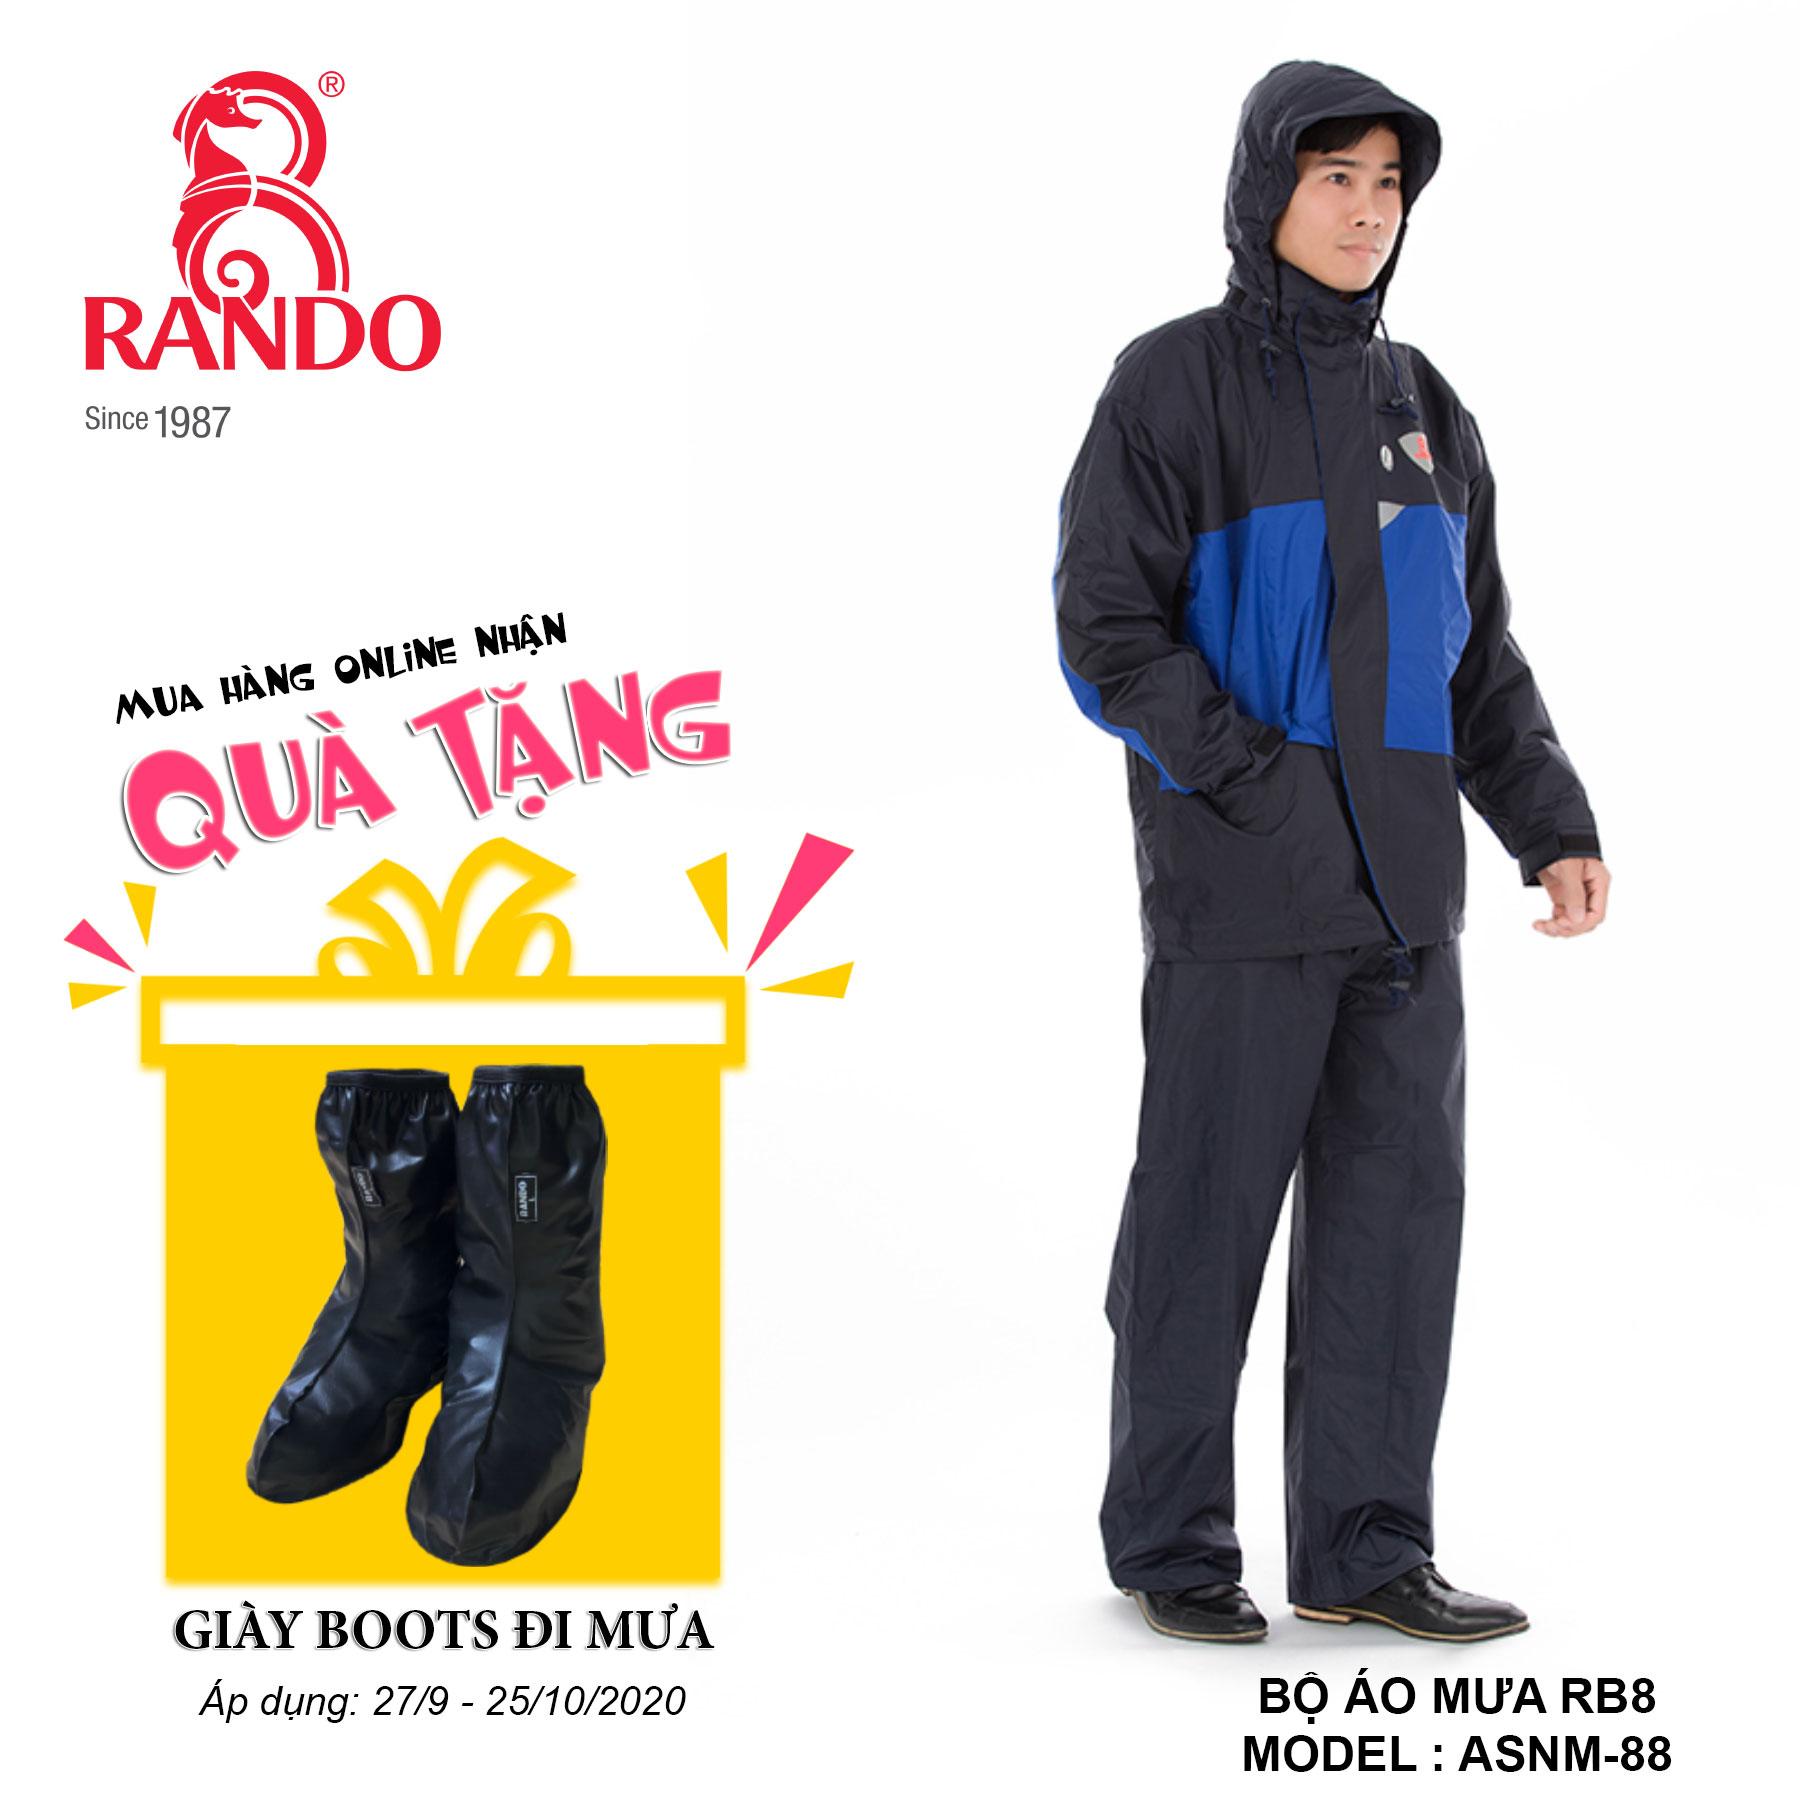 Mua bộ áo mưa RB8 tặng GIÀY BOOTS đi mưa RANDO